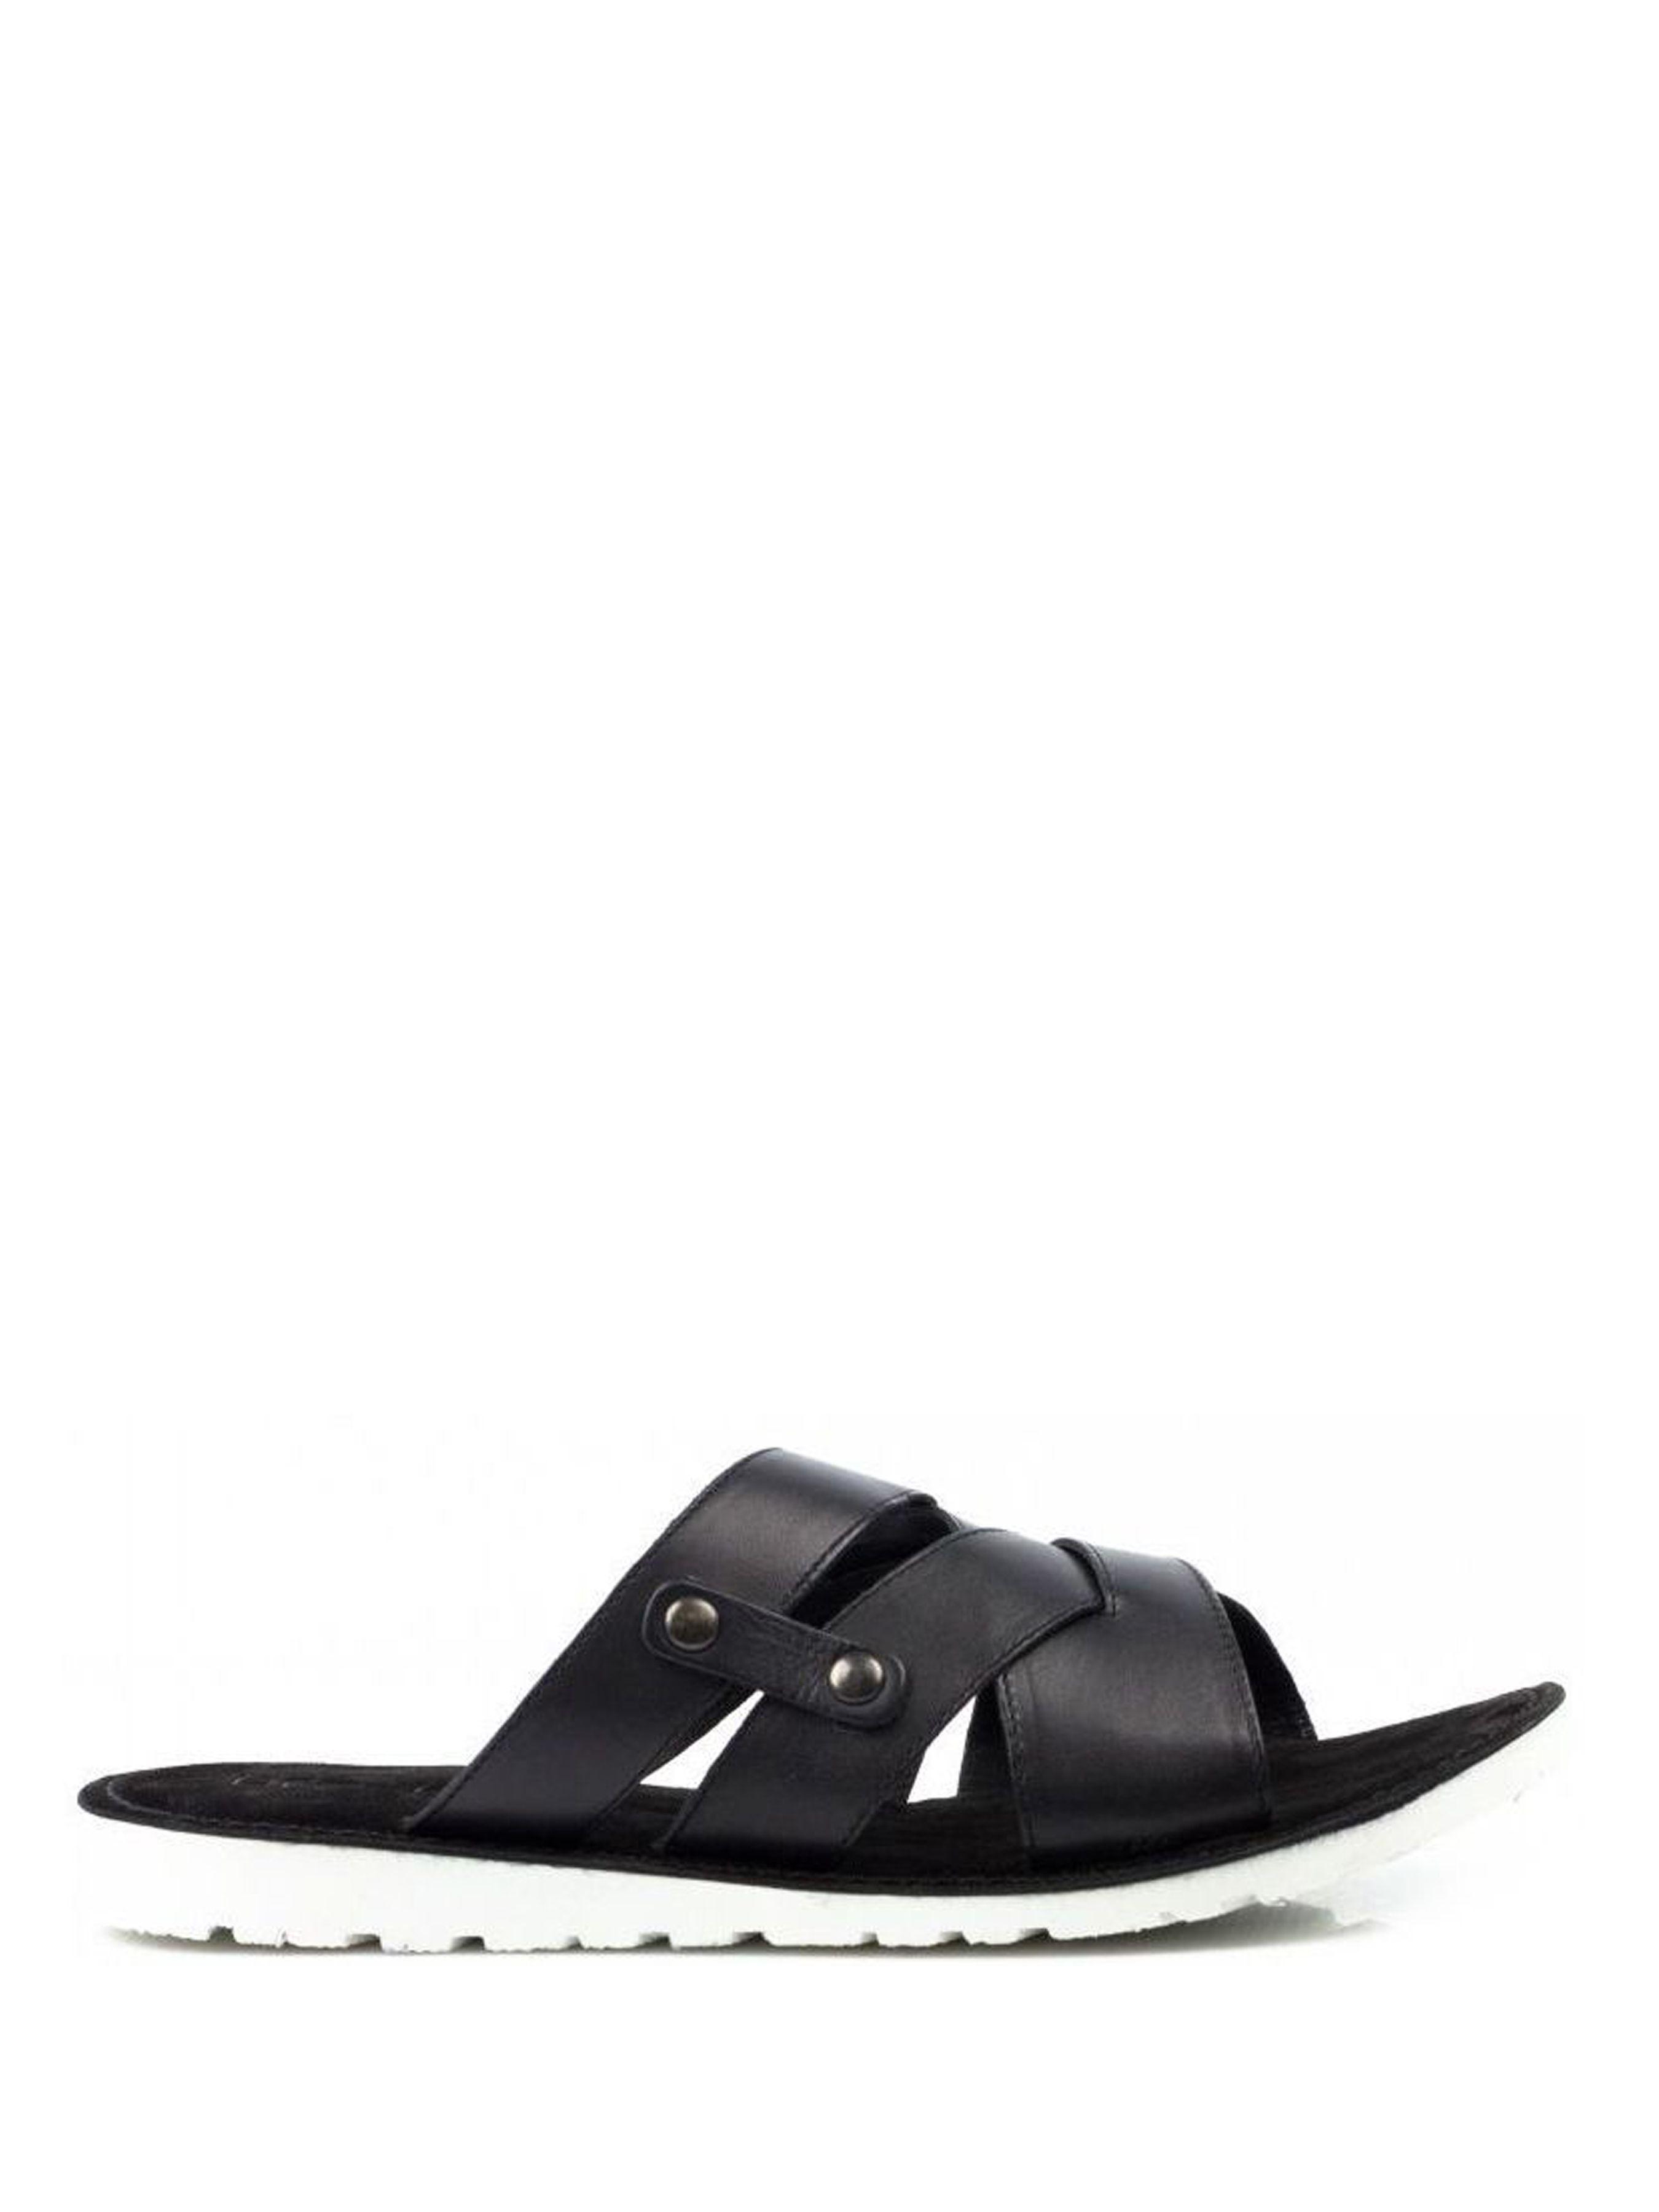 Шлёпанцы для мужчин Braska BR1288 размерная сетка обуви, 2017